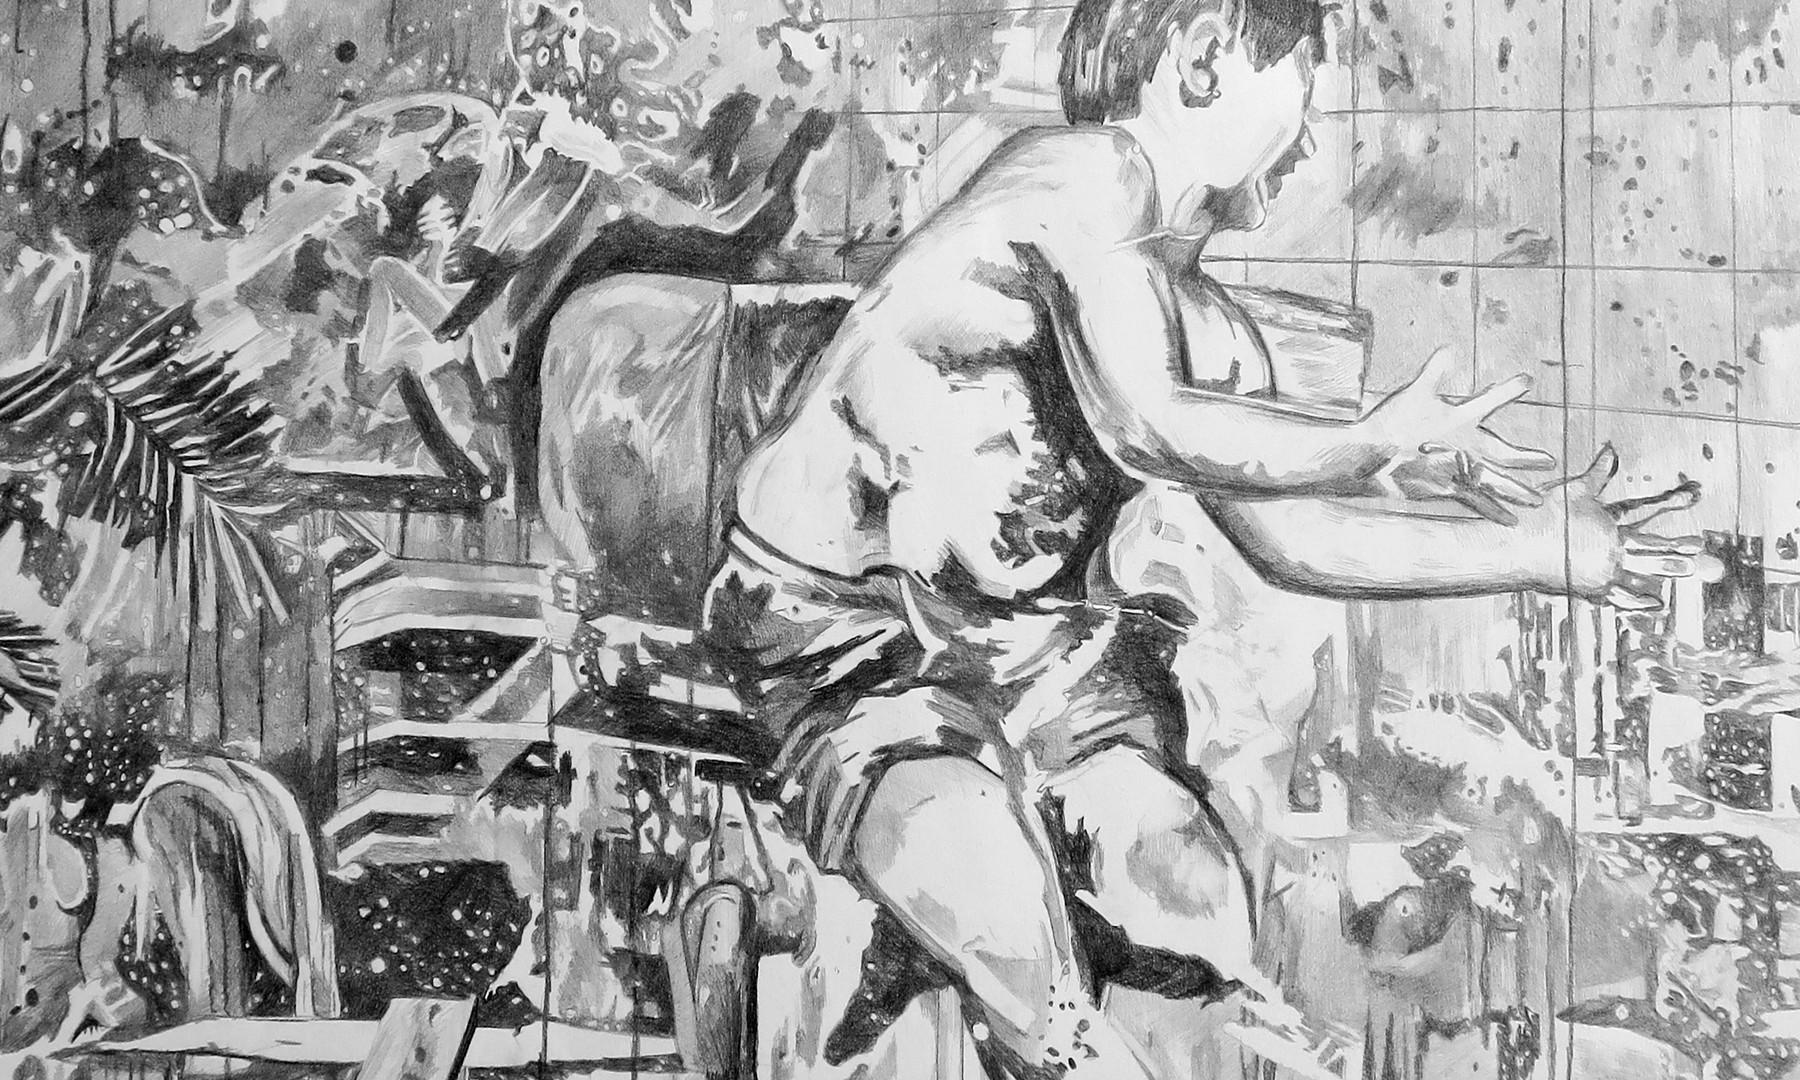 Dessiner la peinture - Le syndrome de Pygmalion I